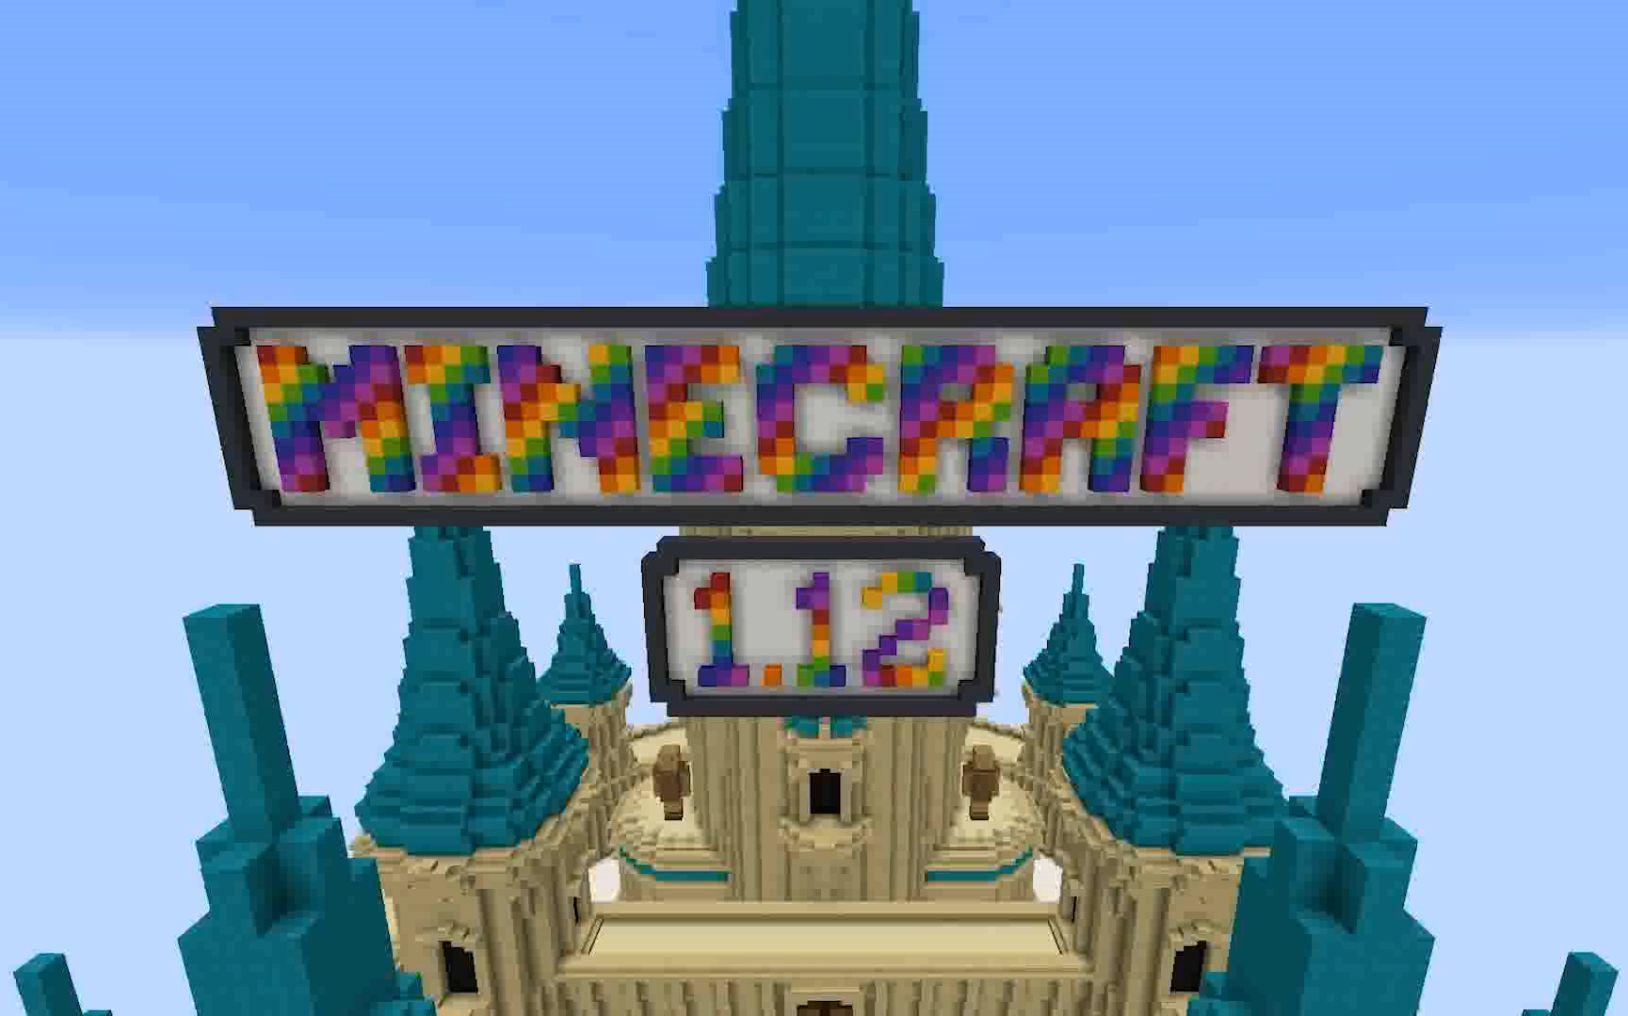 【版本更新】Minecraft 1.12《彩色世界》&玩家精彩作品_嗶哩嗶哩 (゜-゜)つロ 干杯~-bilibili